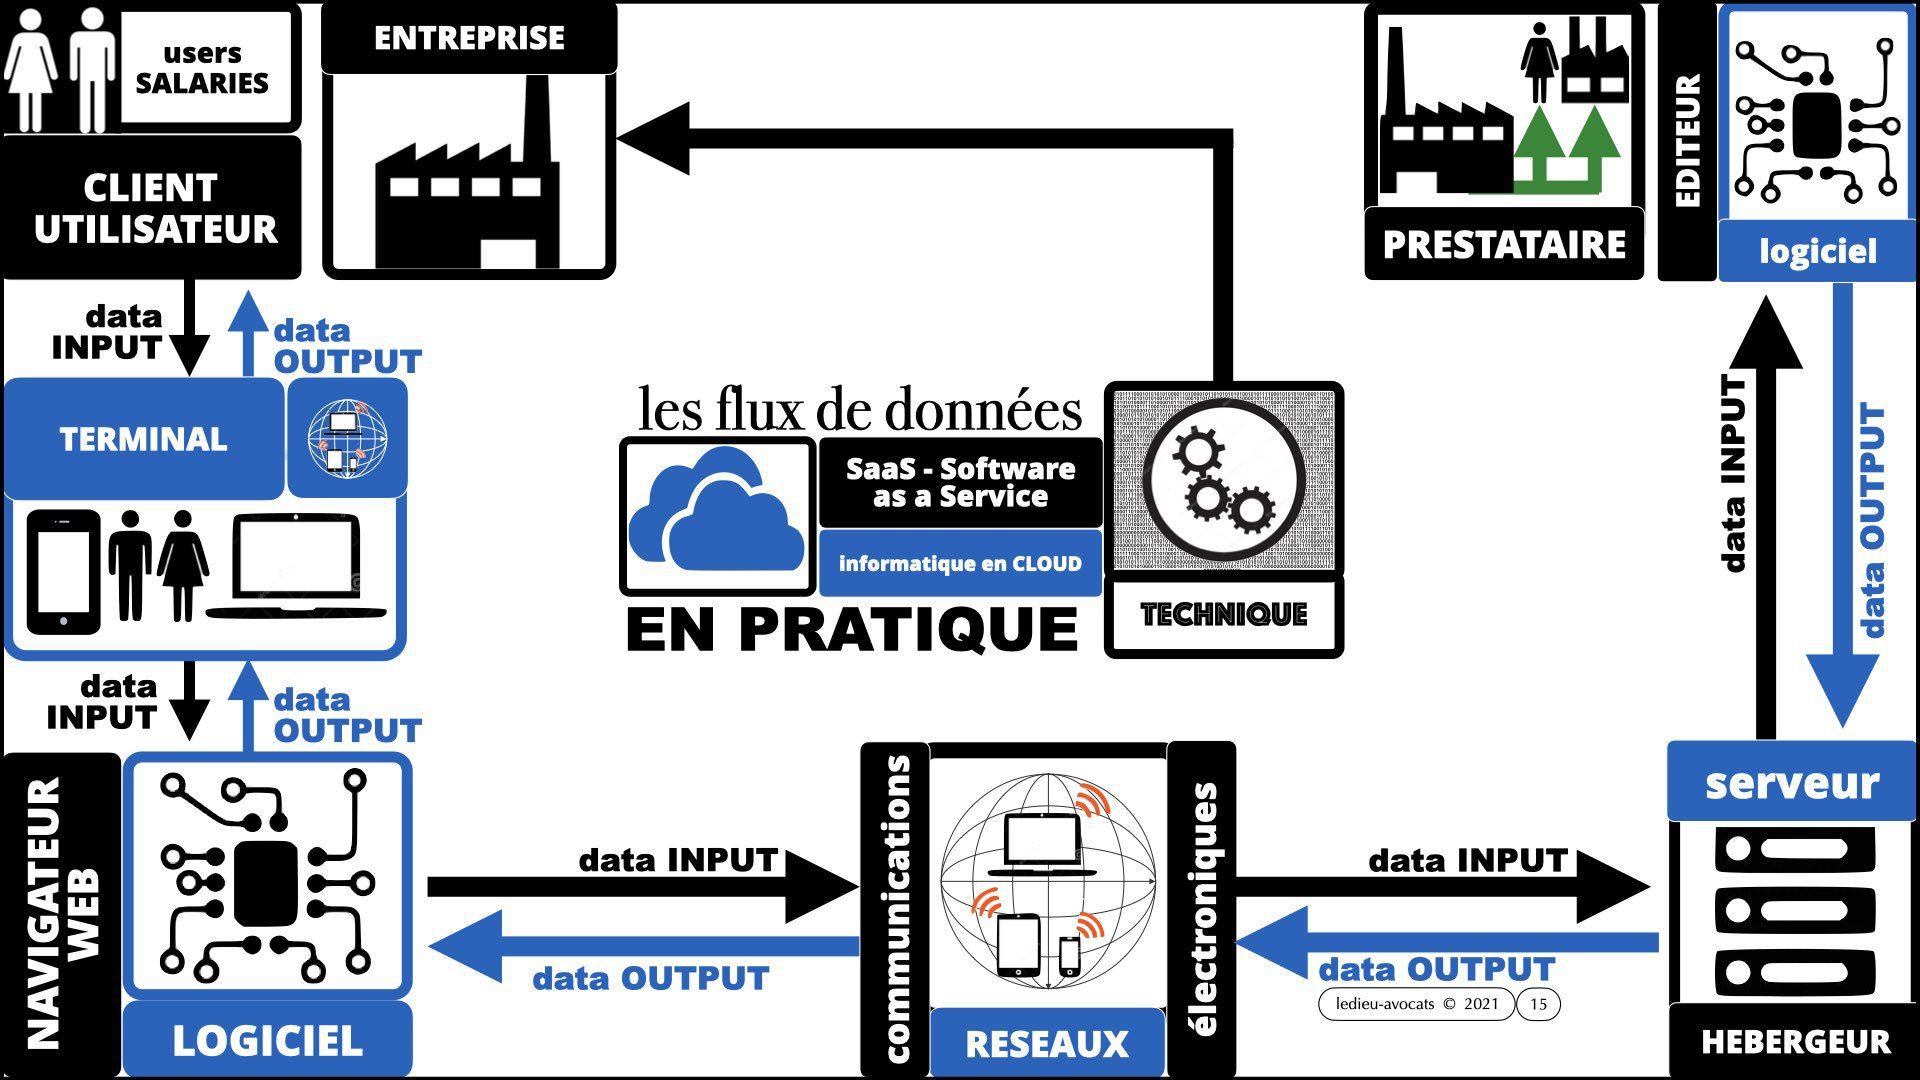 service LOGICIEL SaaS 2021 : les flux de données en technico-pratique